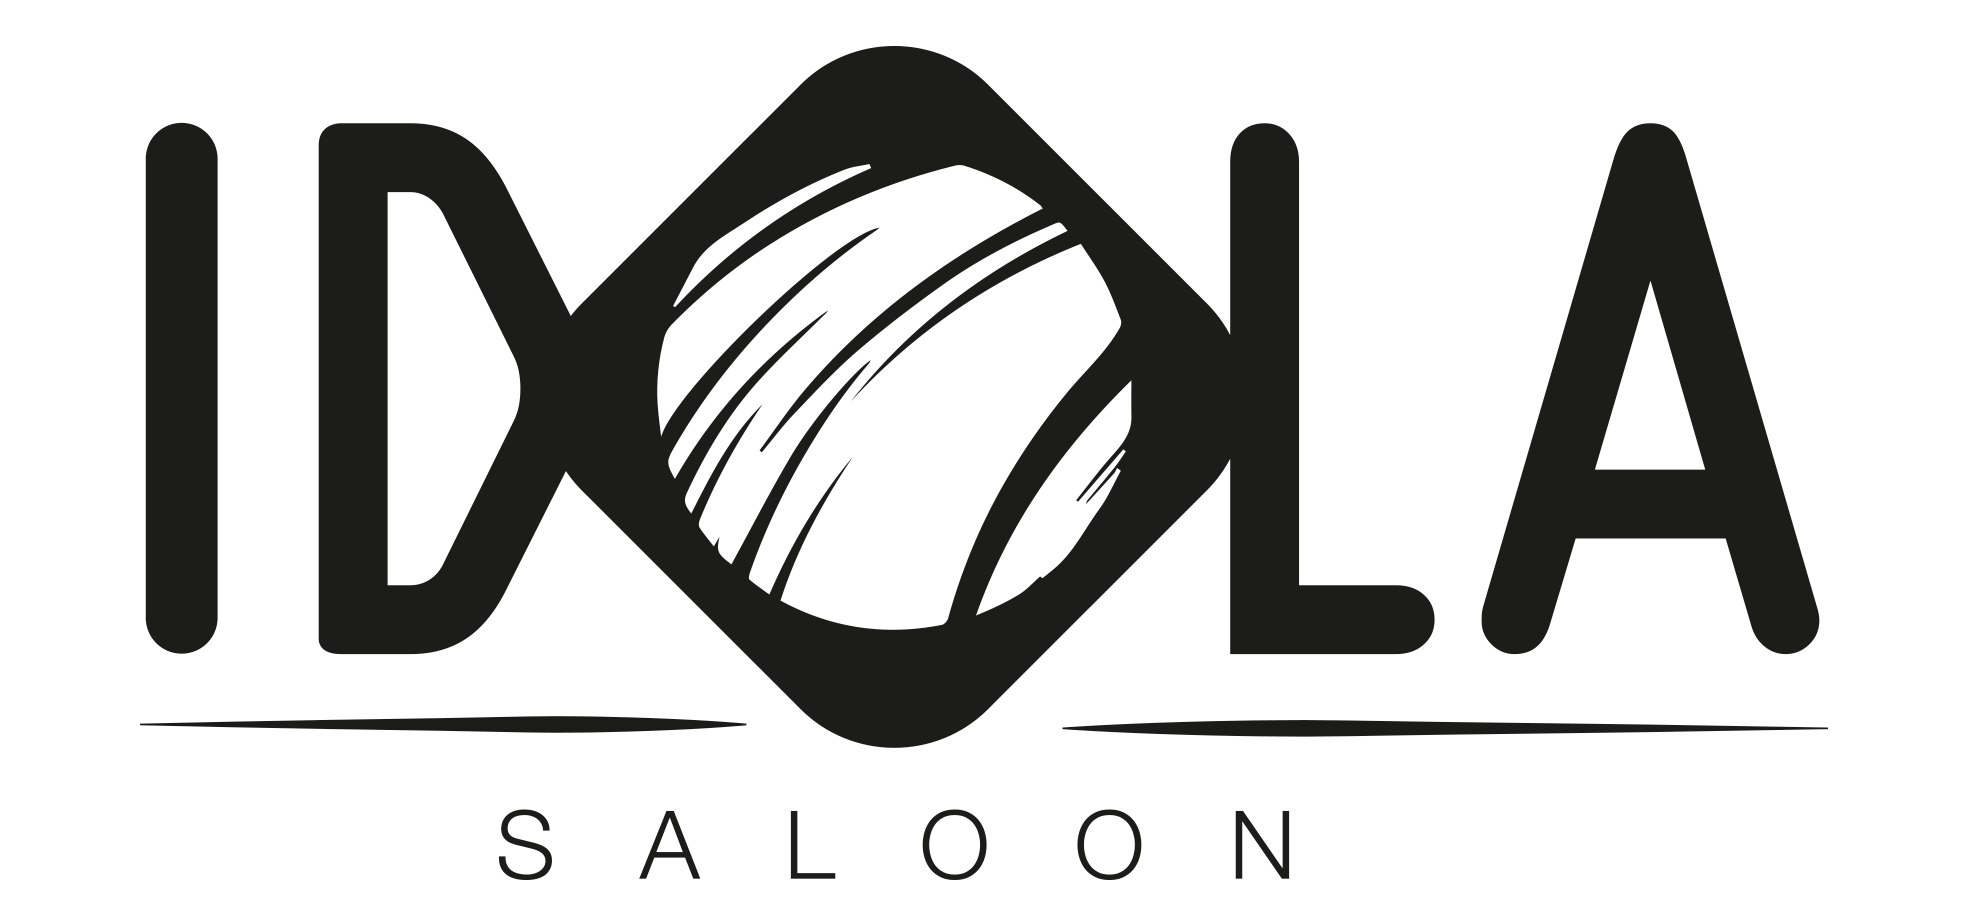 IDOLA SALOON